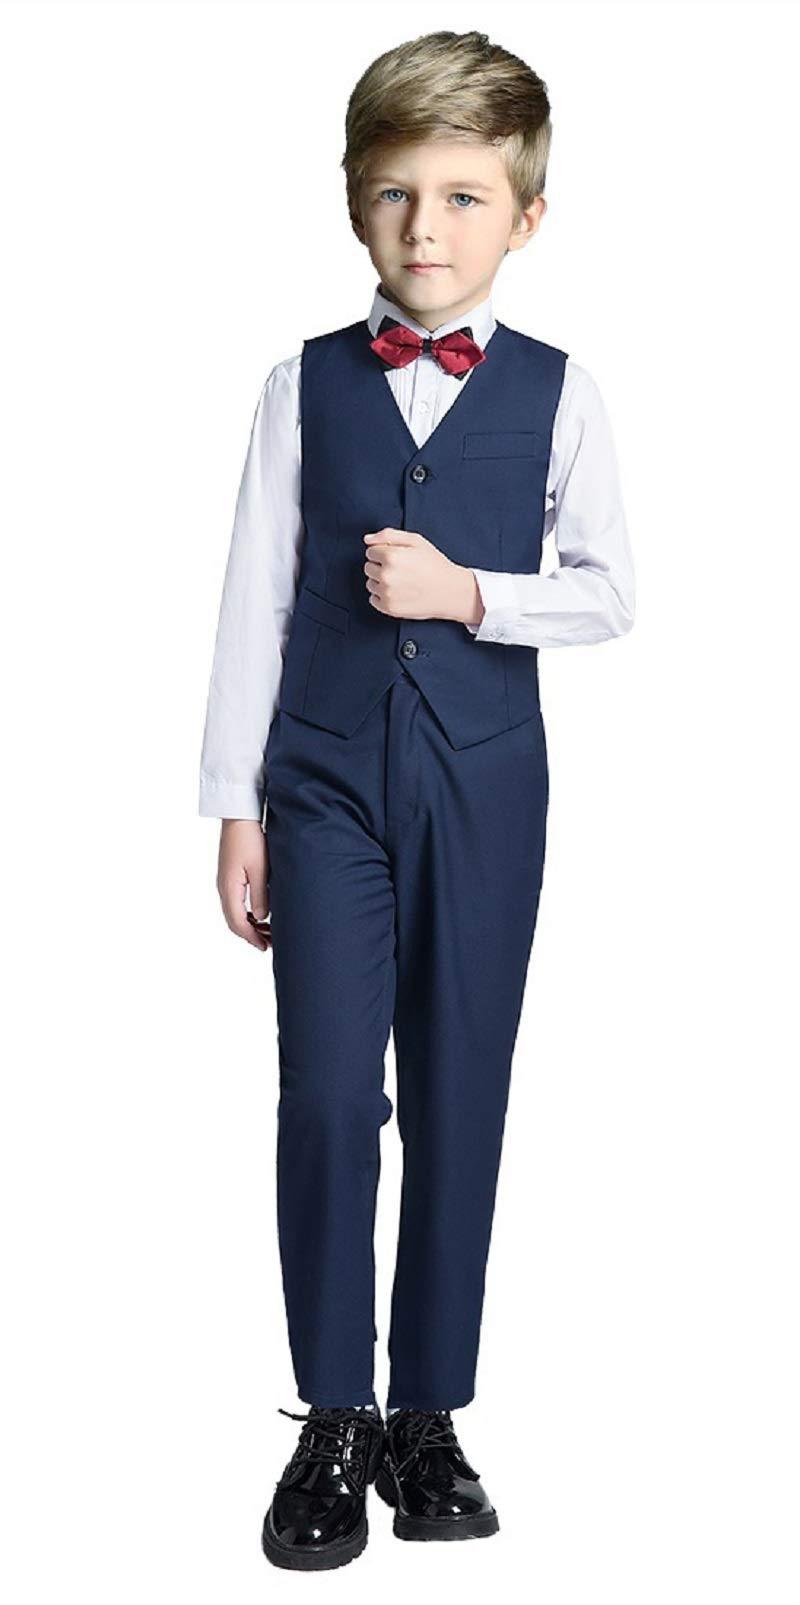 Boys Vest Set Formal Suit Tuxedo PantsShirtand Tie Toddler Slim Fit 4 Piece Suits Blue Size 6